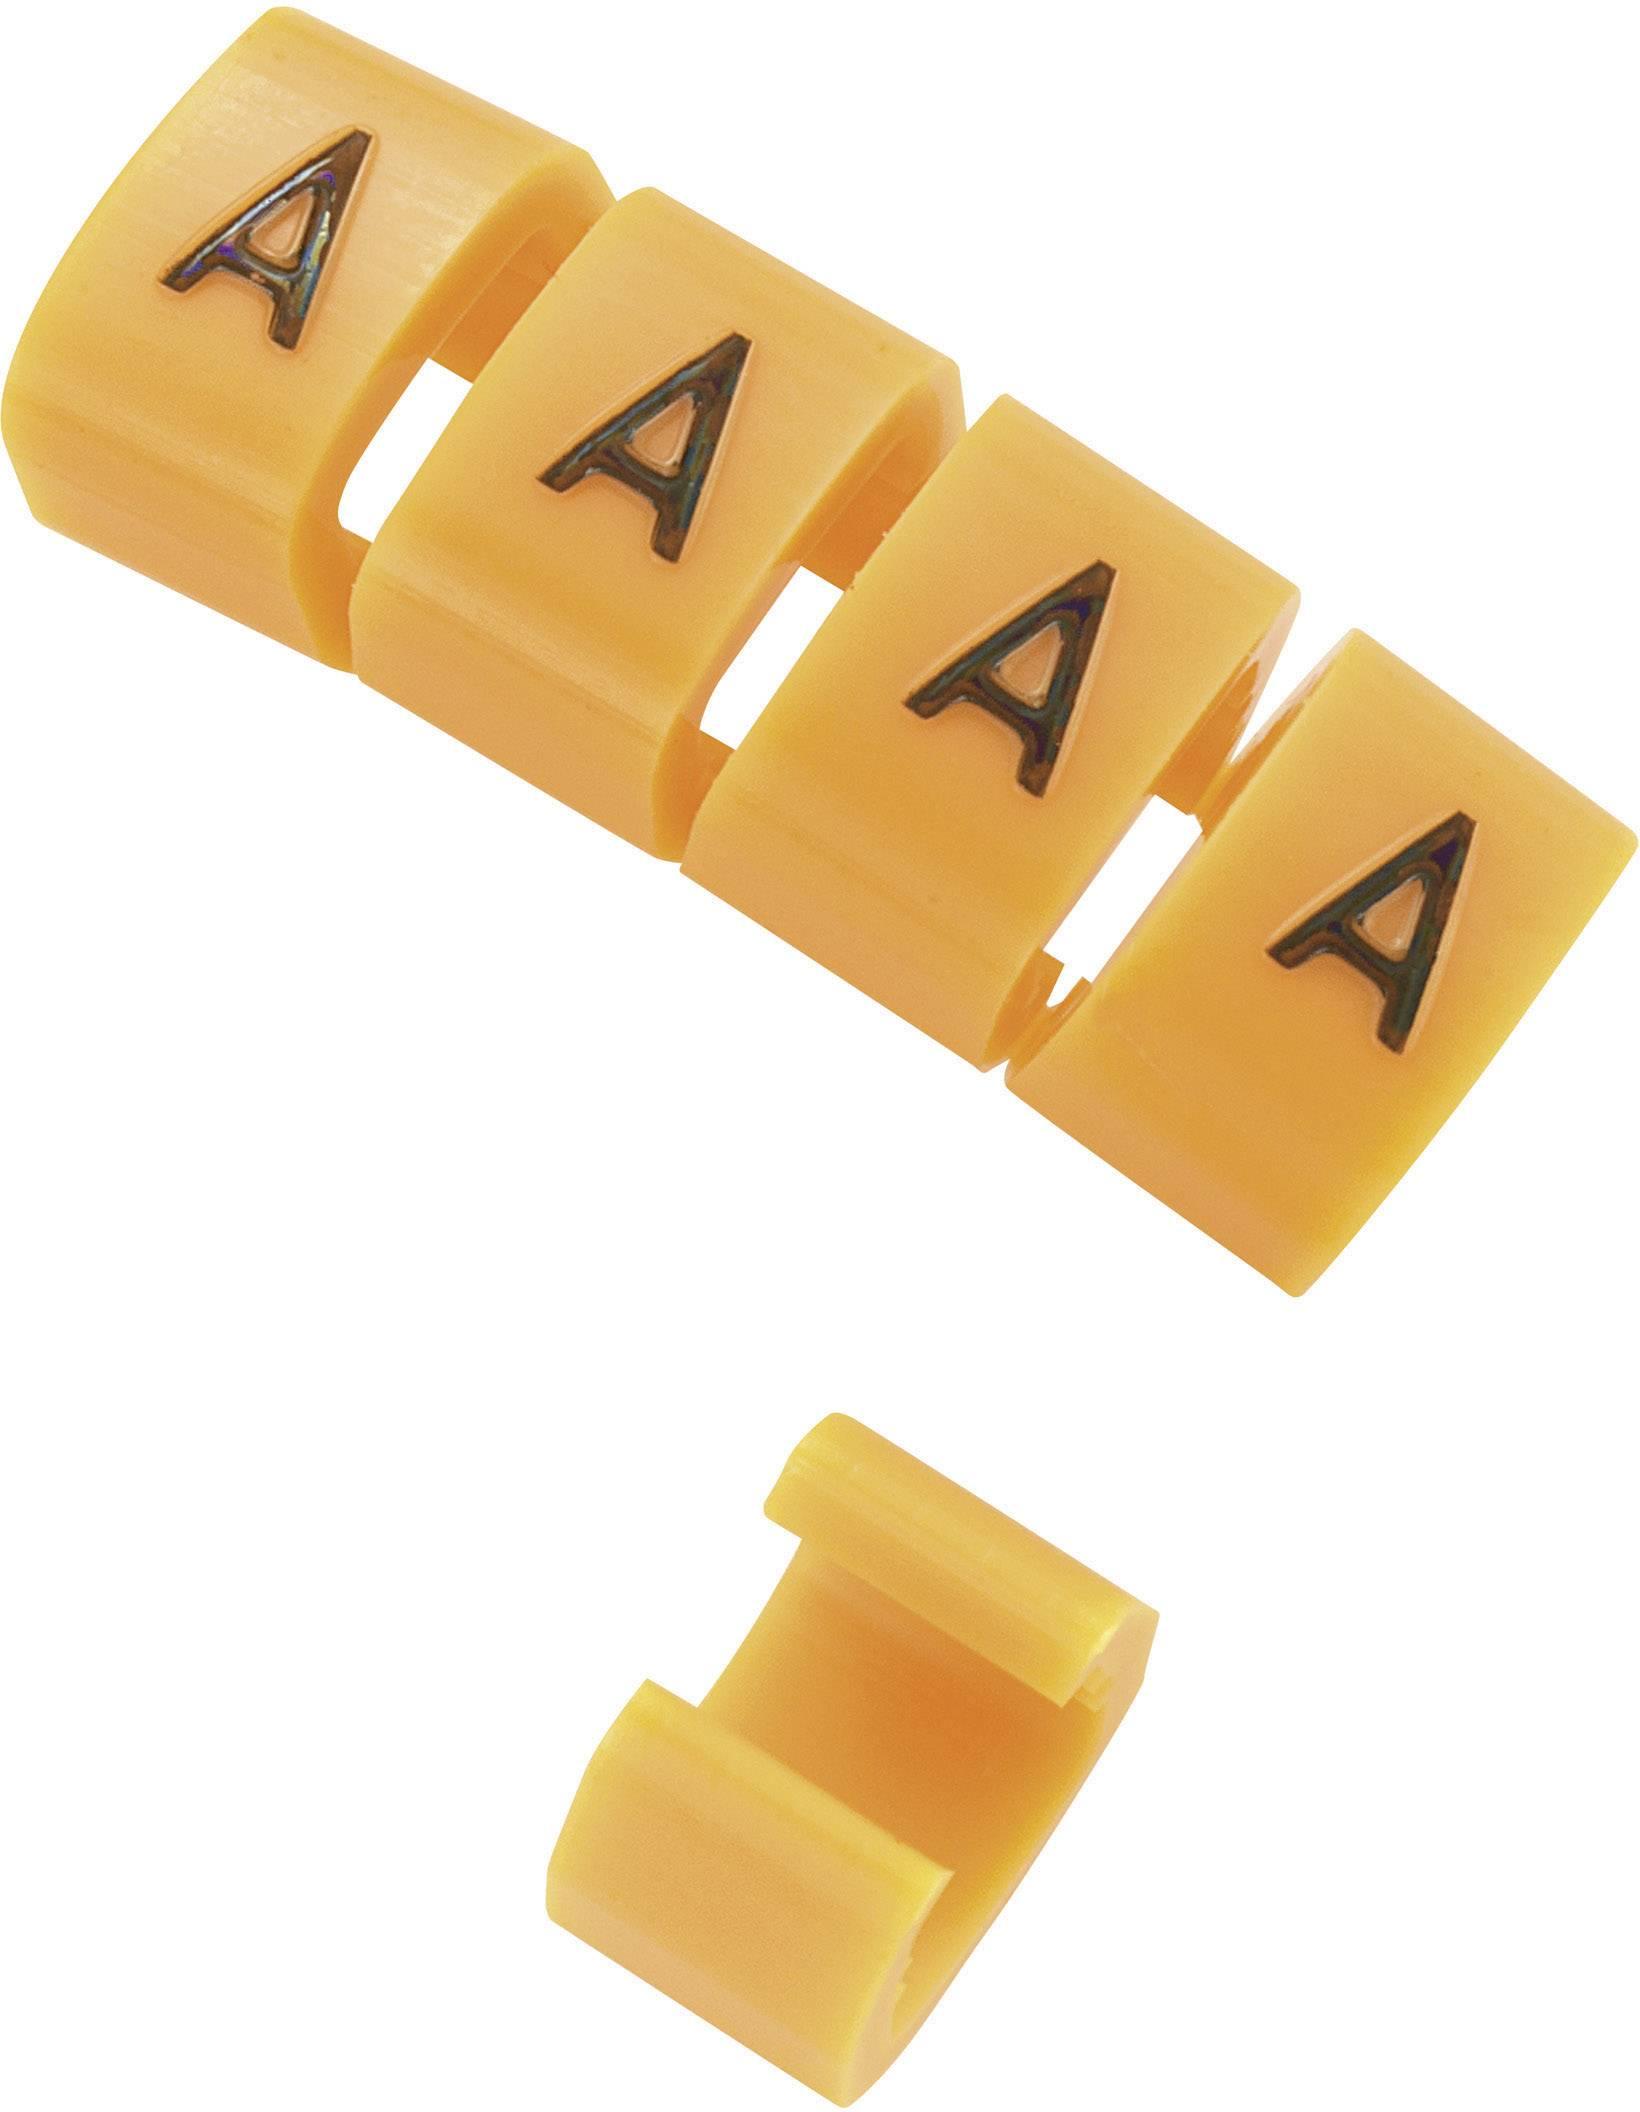 Označovacie objímka na káble KSS MB1/X, oranžová, 10 ks